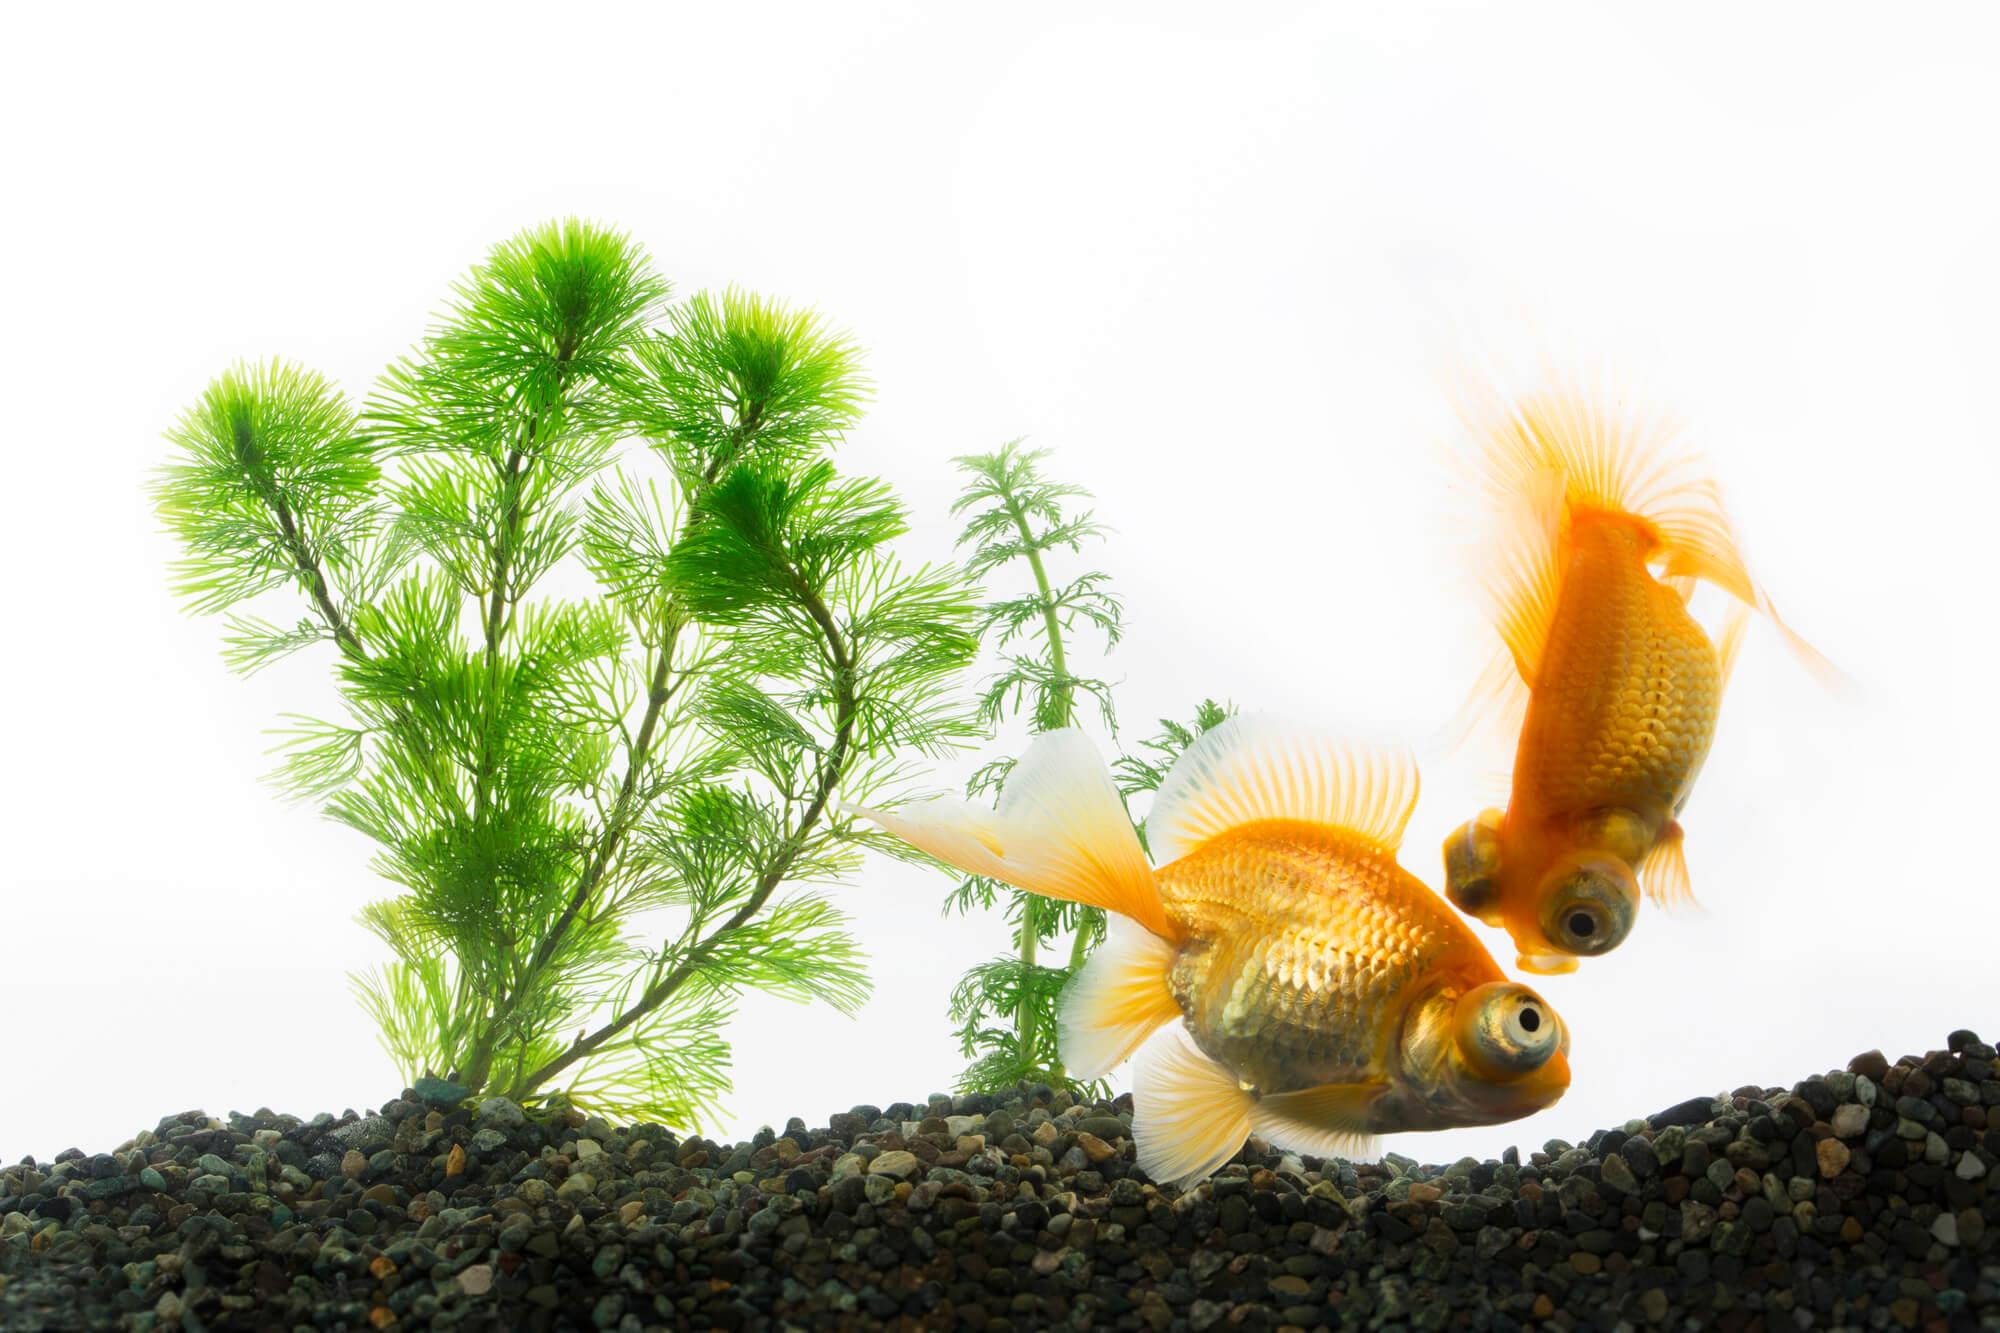 頭を下にして泳ぐ金魚